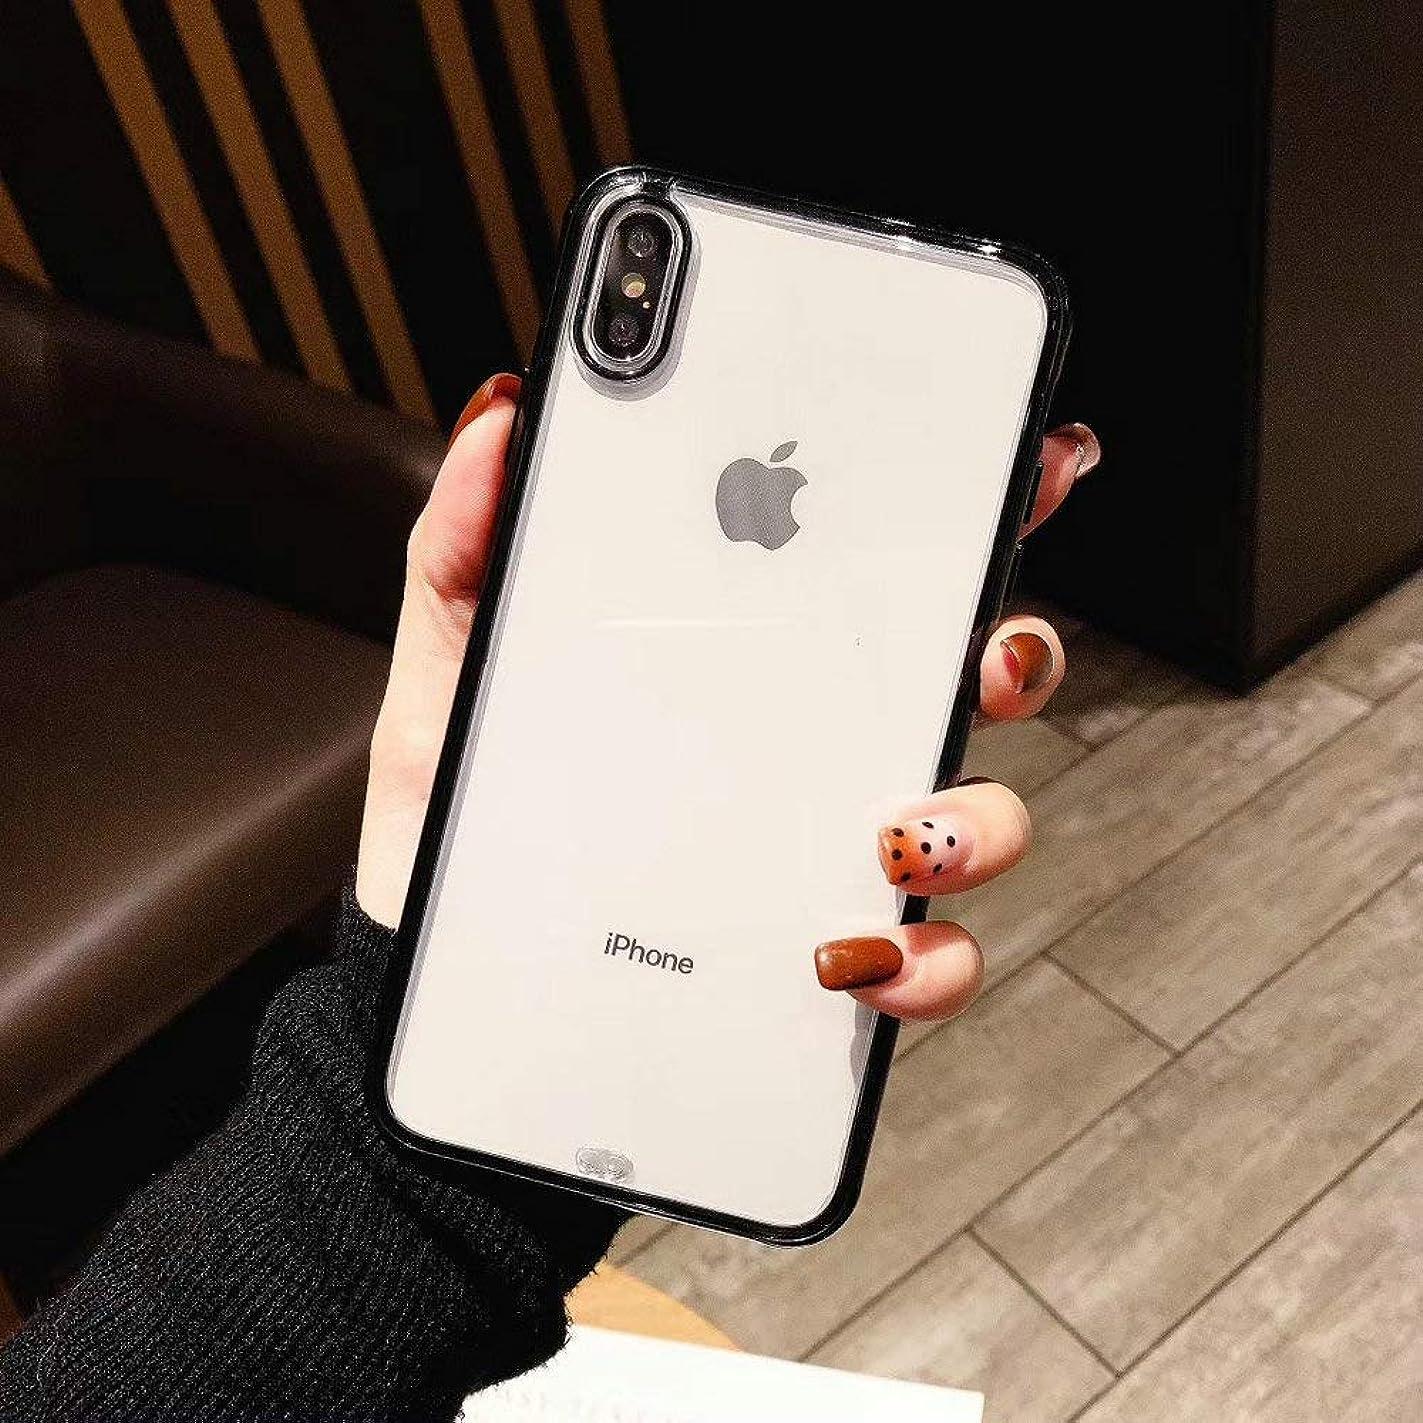 毒性後者変装iPhone ケース レディース メンズ 携帯ケース 透明 iPhone11、iPhone11 Pro、iPhone11 Pro MAX